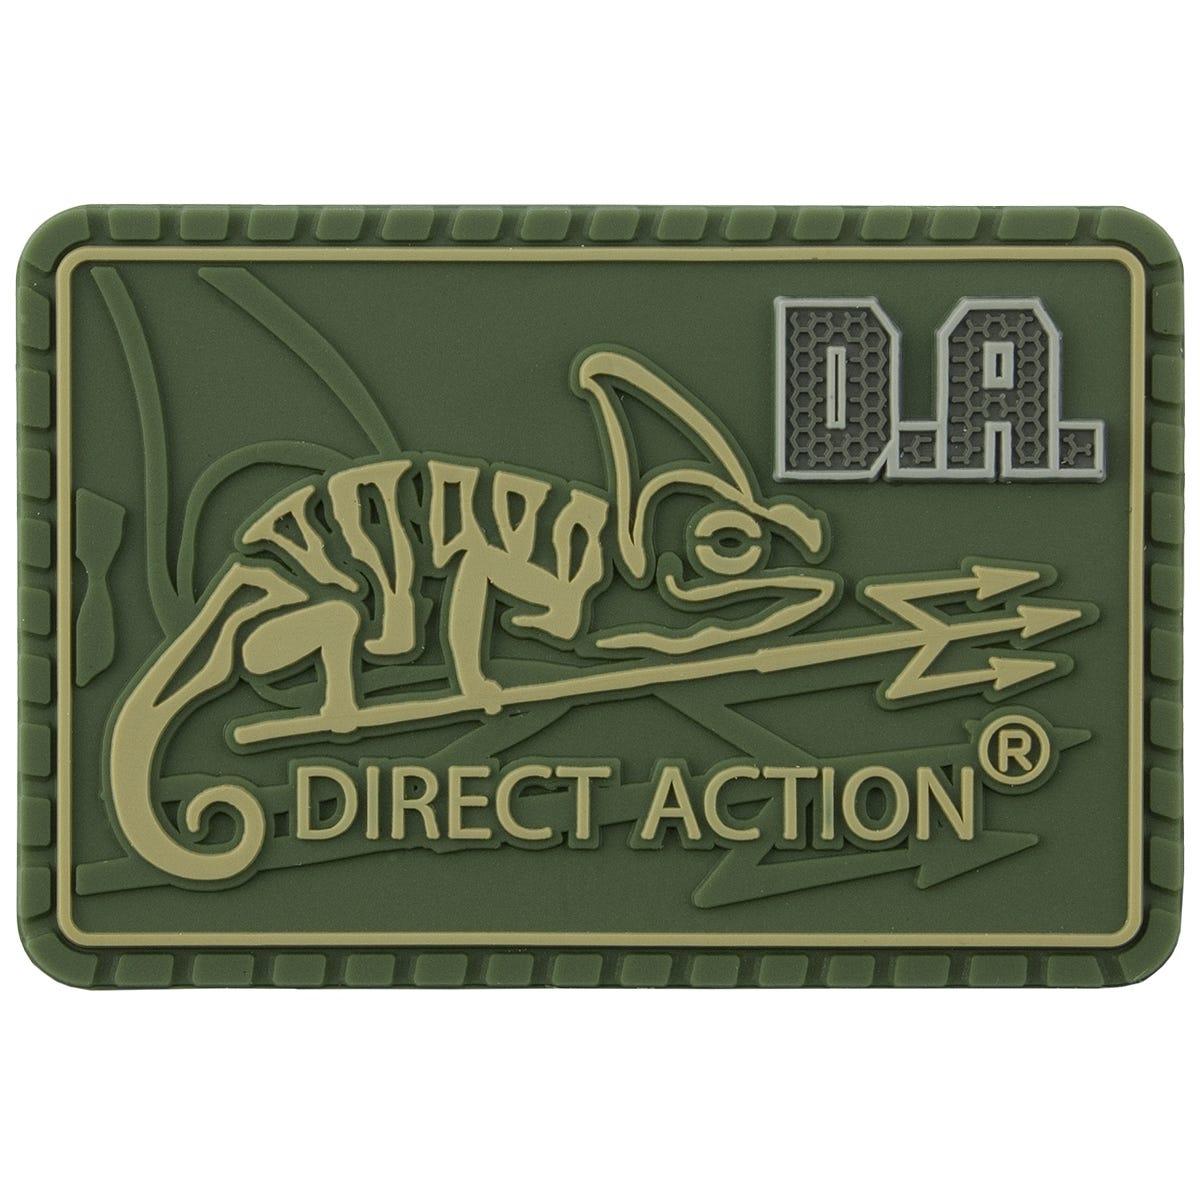 Afbeeldingsresultaat voor DIRECT ACTION   logo